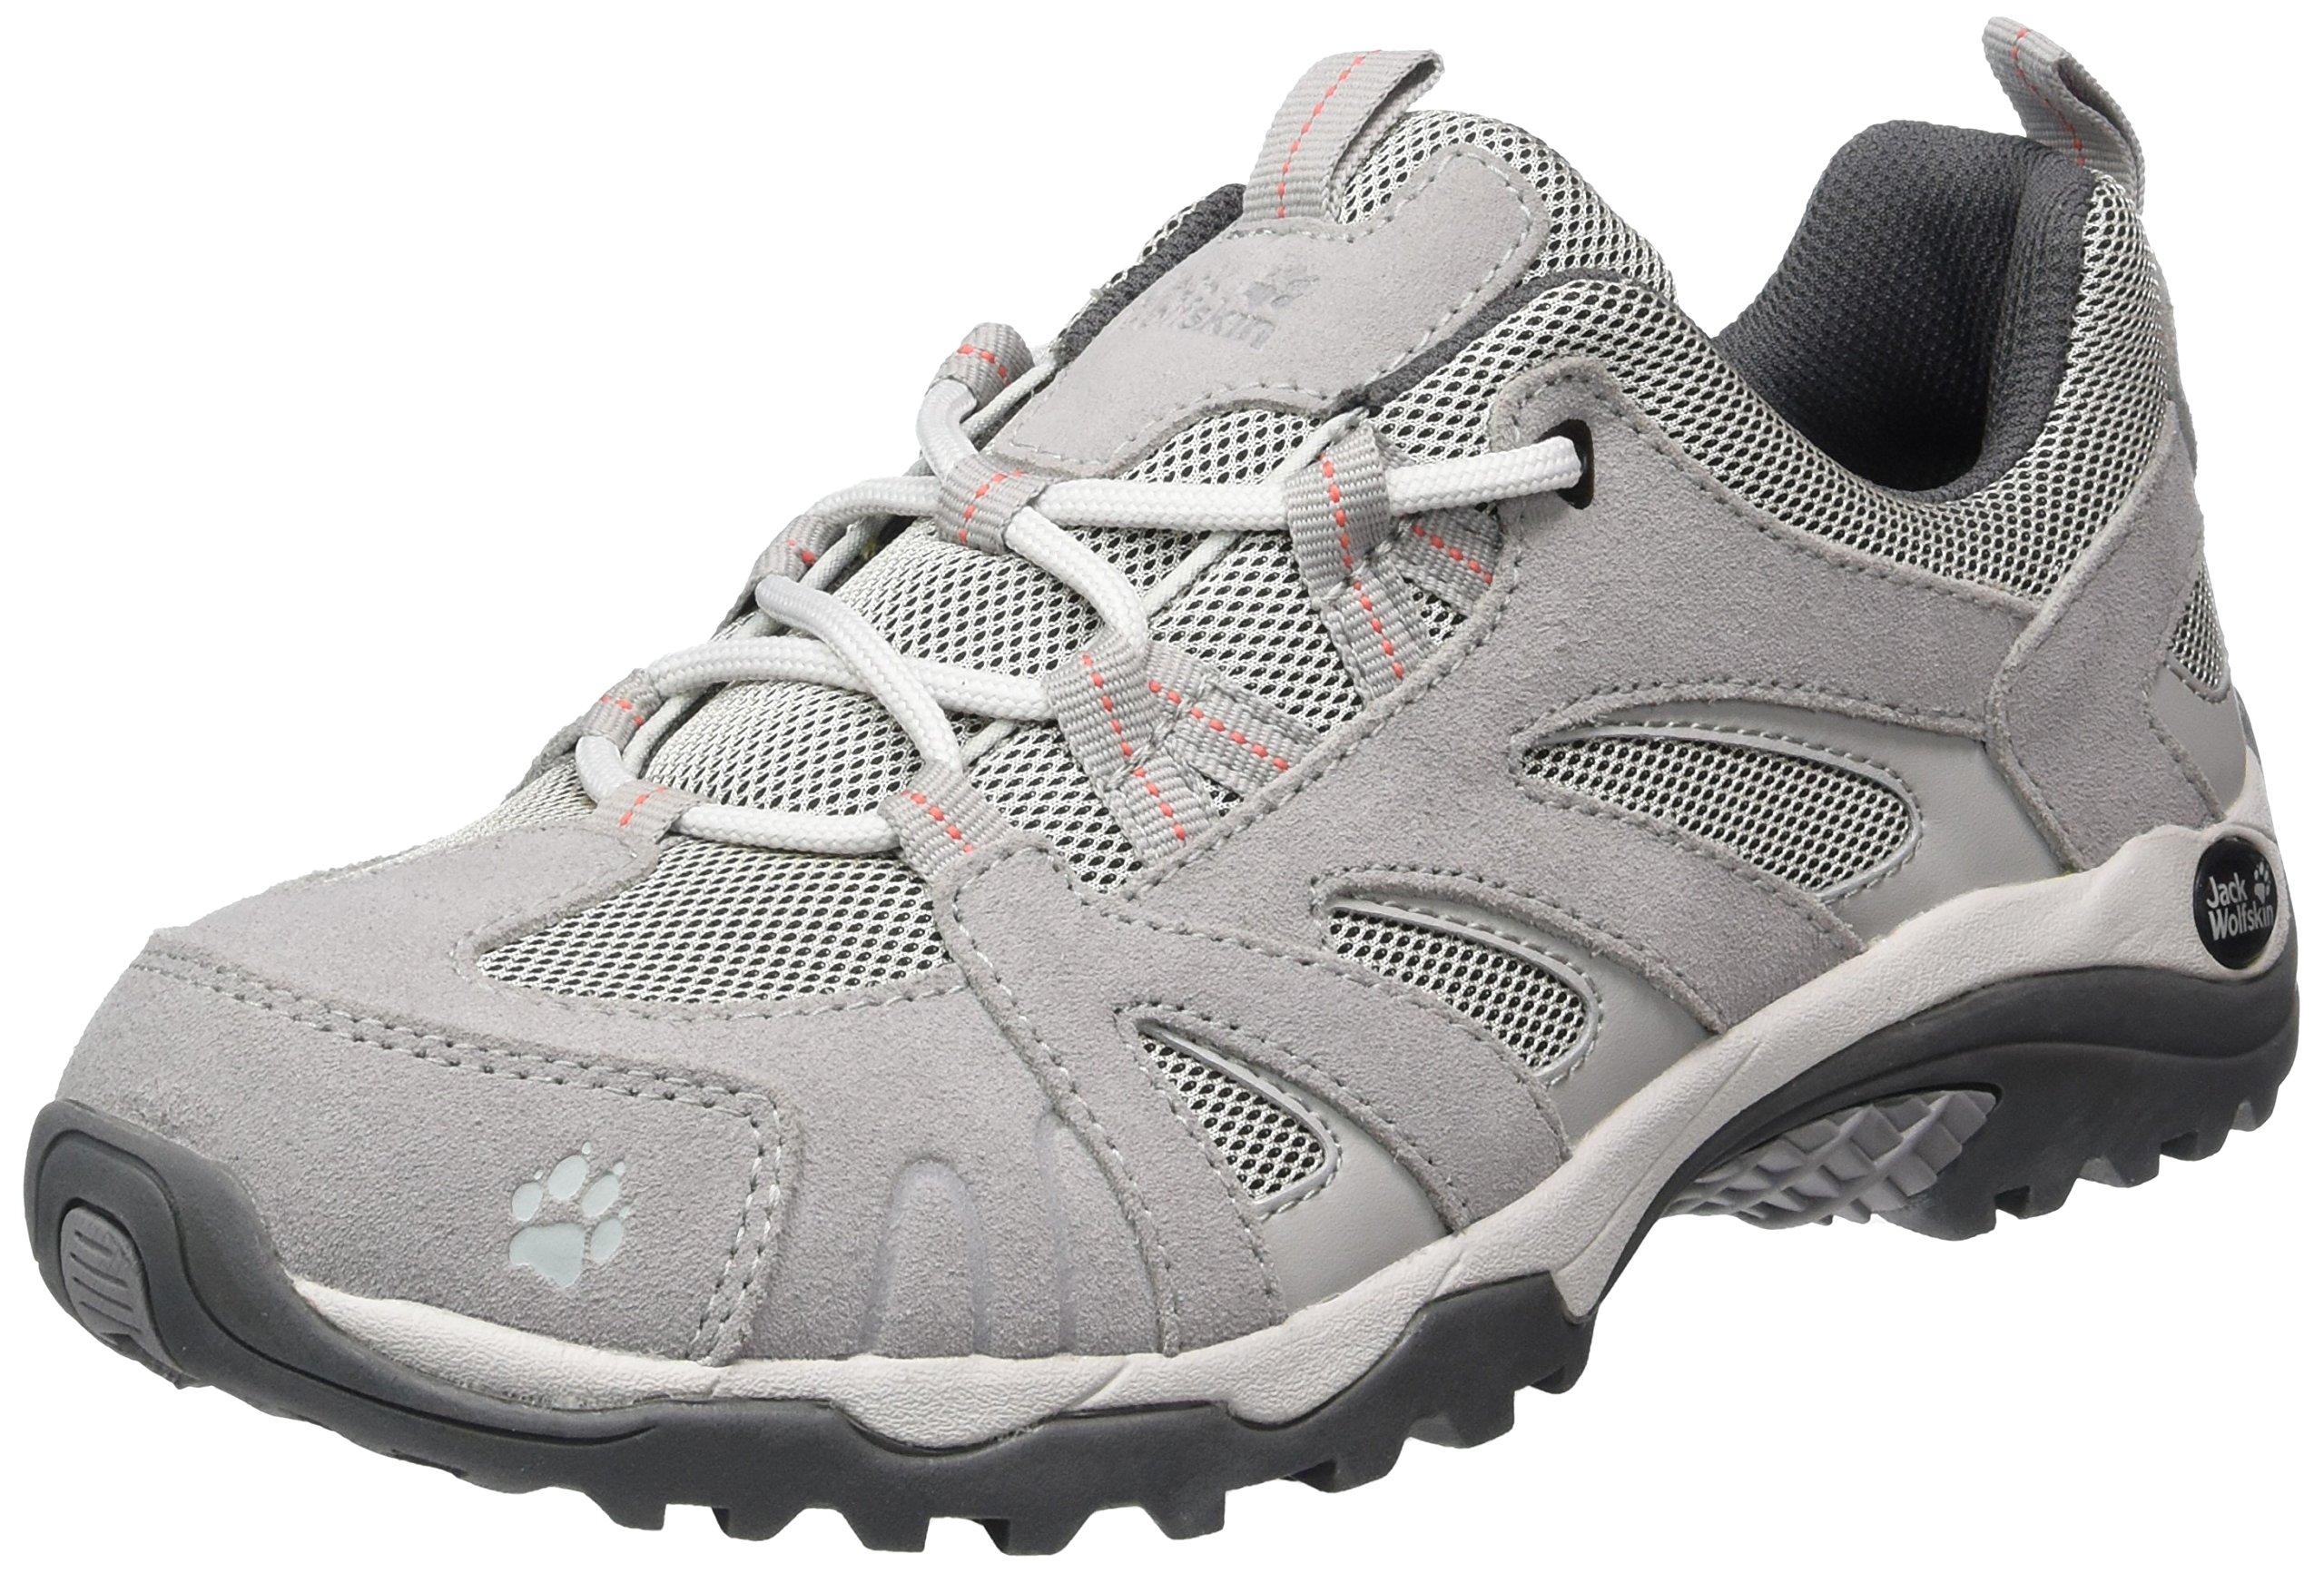 900cfa355a Jack Wolfskin Women's Vojo Hike Low W Shoe - UKsportsOutdoors